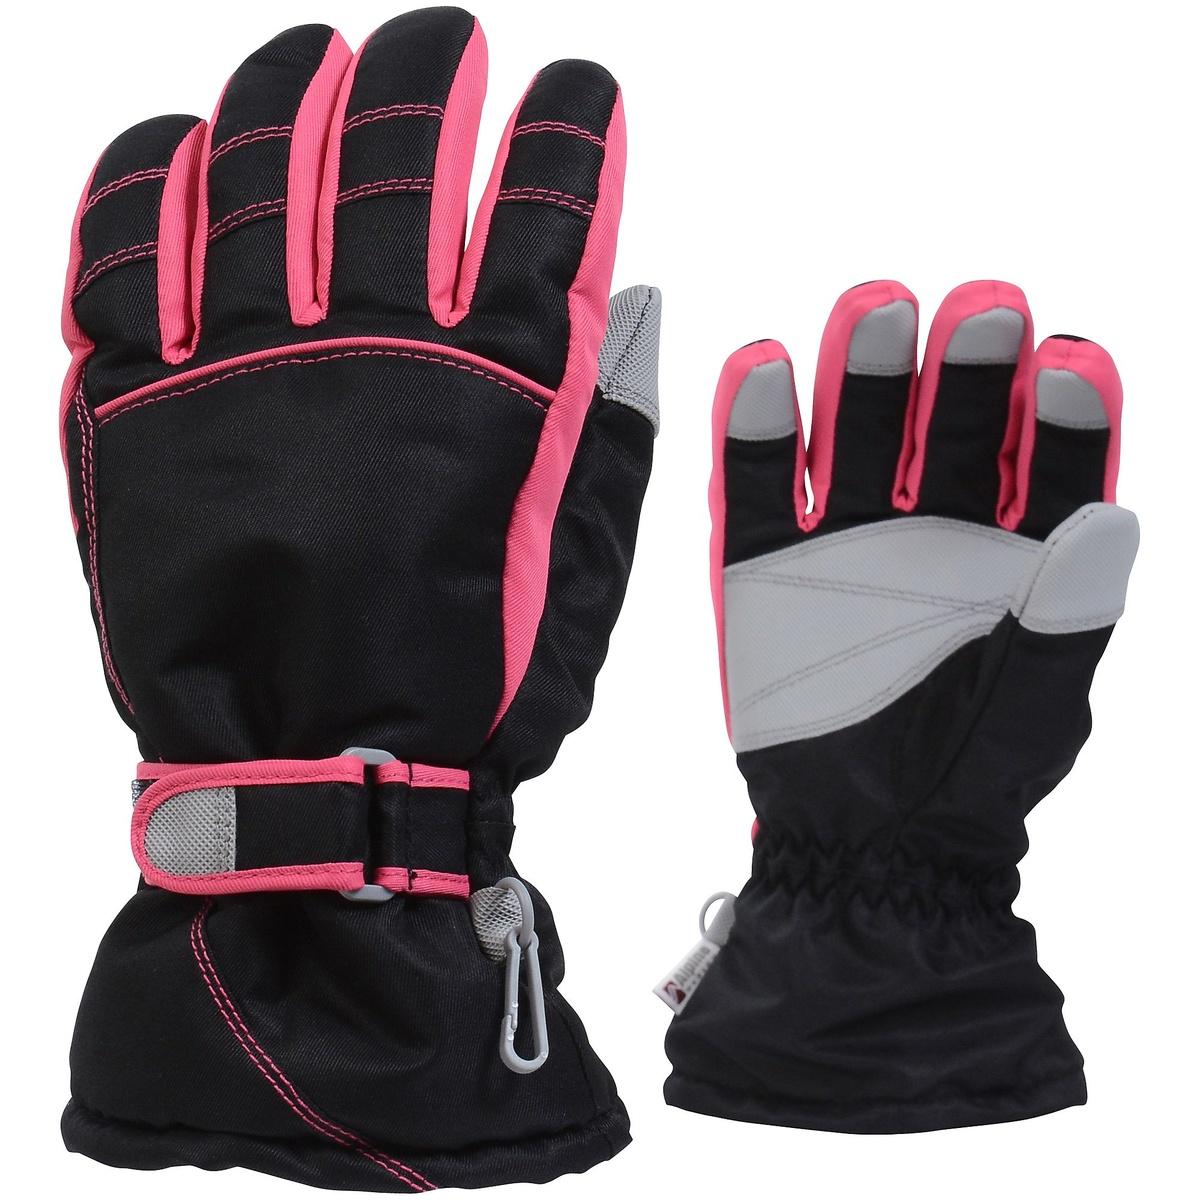 新登場 アルパインデザイン ウインター グローブ 手袋 ジュニア ジュニアウィンターグローブ Alpine DESIGN ピンク 祝日 BLK ガールズ ブラック AD-F16-405-005